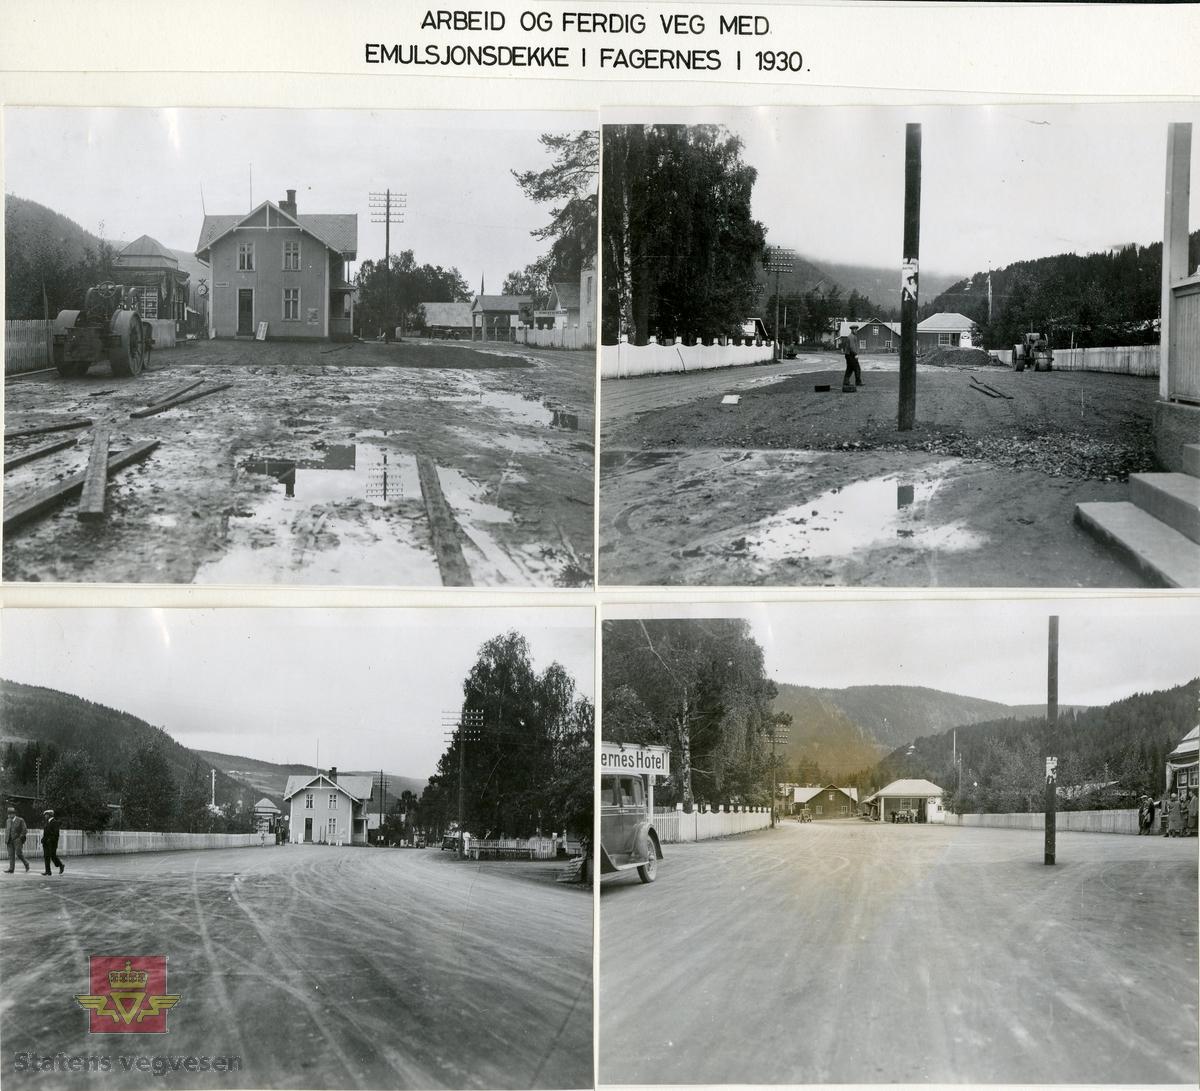 """Bilde 1) Bildet viser Fagernes jernbanestasjon og stasjonsbygning i 1930. Til høyre på bildet skilt til a/s Jotunheimen & Valdresruten Bilselskap.  Klikk på pilen til høyre som viser framdriften i arbeid og ferdig veg med emulsjonsdekke i Fagernes i 1930. Bilde 2) NVM00F36768  Bilde 3) NVM00F36769 Bilde 4) NVM00F36770  Bilde 5) NVM00F36766  Se Relasjon/Relaterte objekter lenger ned på siden som viser bilde av Brødrene Brustads emulsjonsspredevogn i 1936.  og Album """"Till Veidirektør Andreas Baalsrud,  Fr. A.S.W. Odelberg, Gustavsberg, Sverige. Oslo 4 feb 1933. Försök: Tiärinbränkt grusbana. 1932""""."""